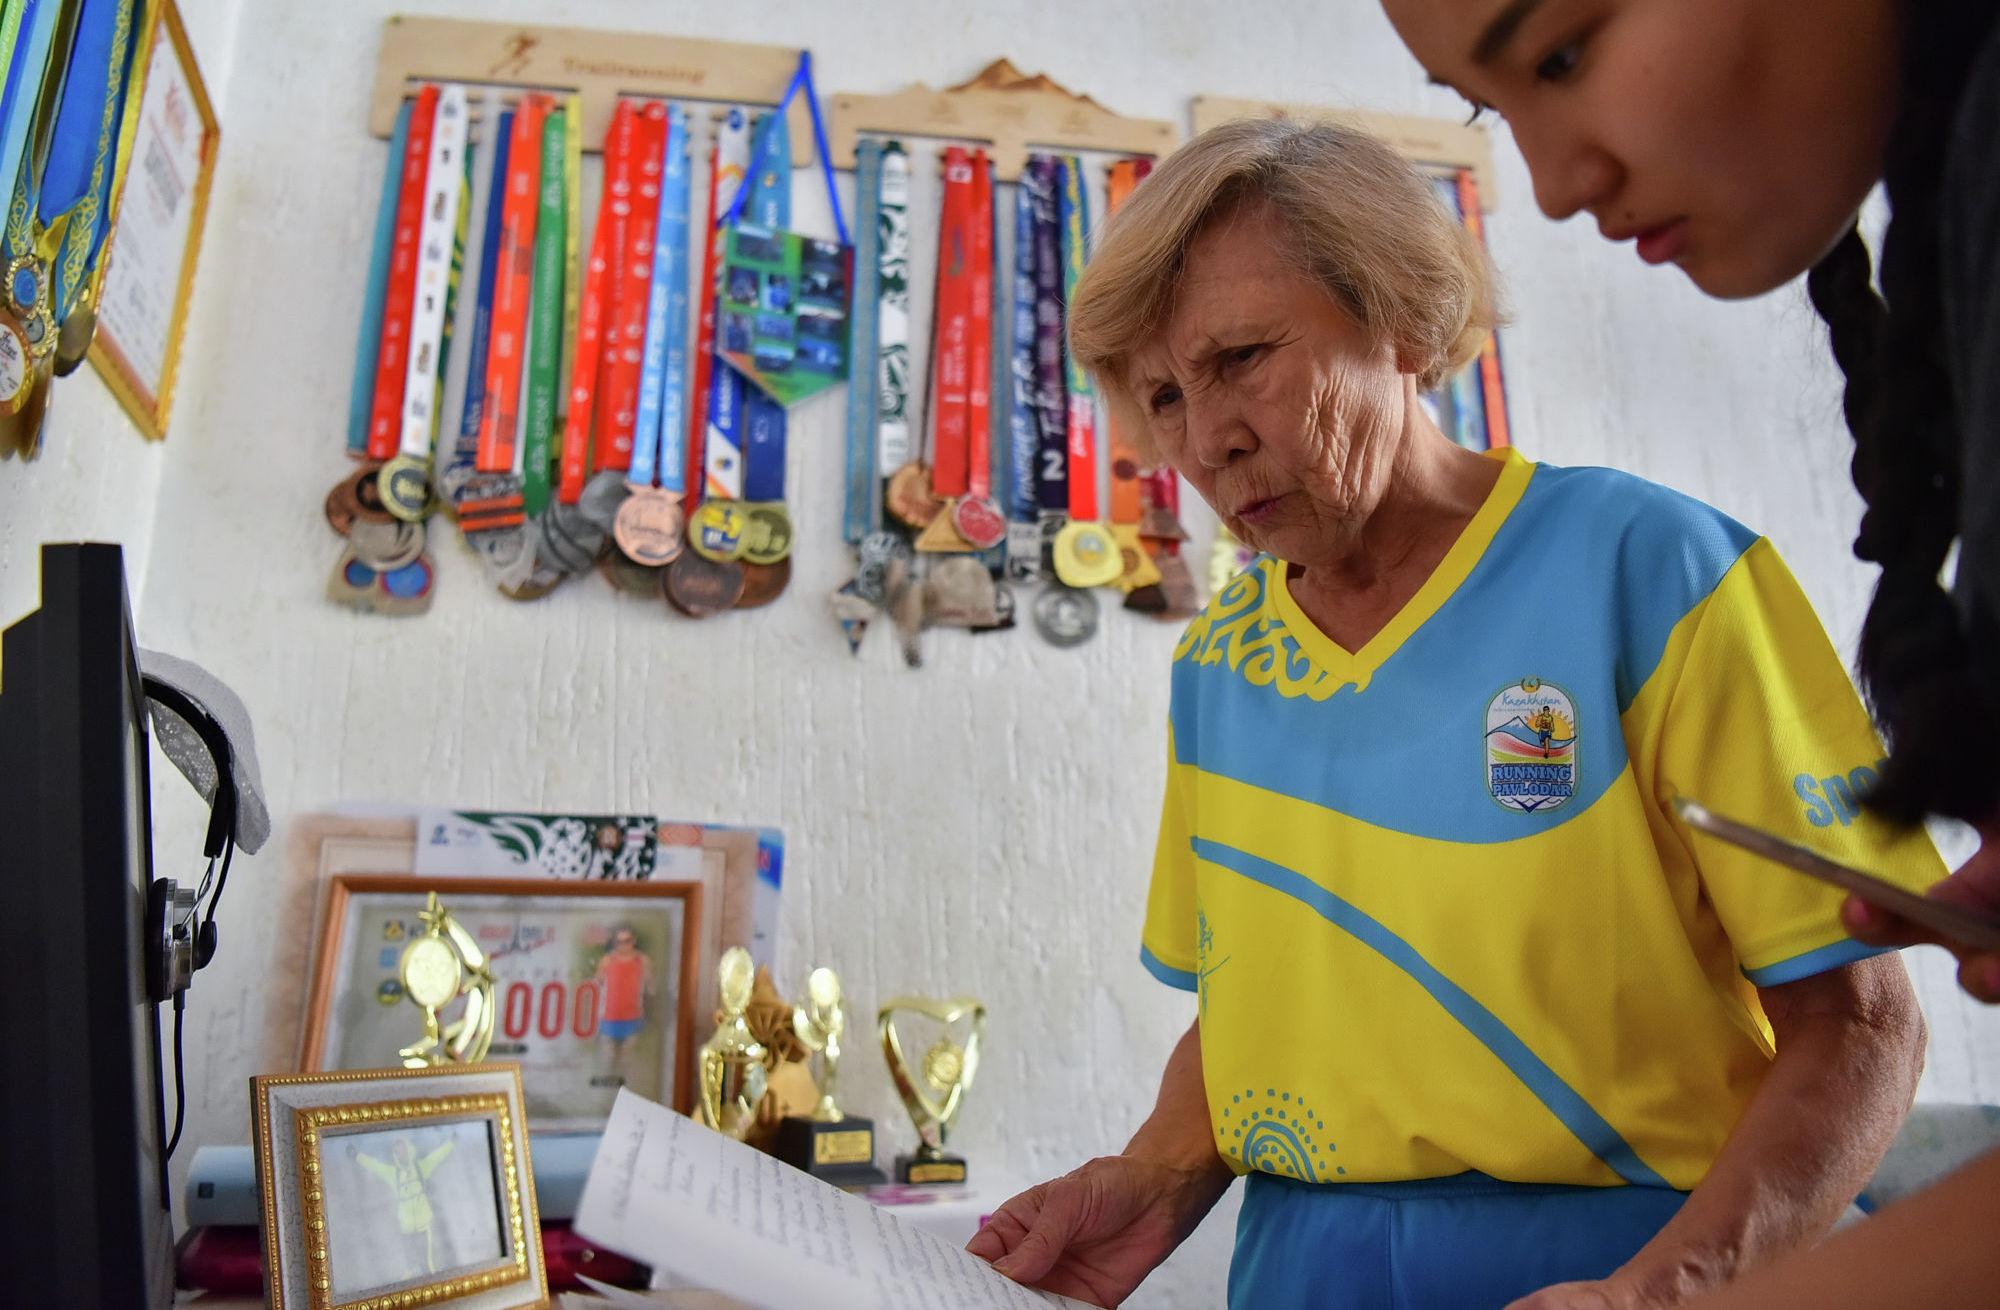 Бегунья не получает пенсию с января 2019 года и написала обращения в различные инстанции